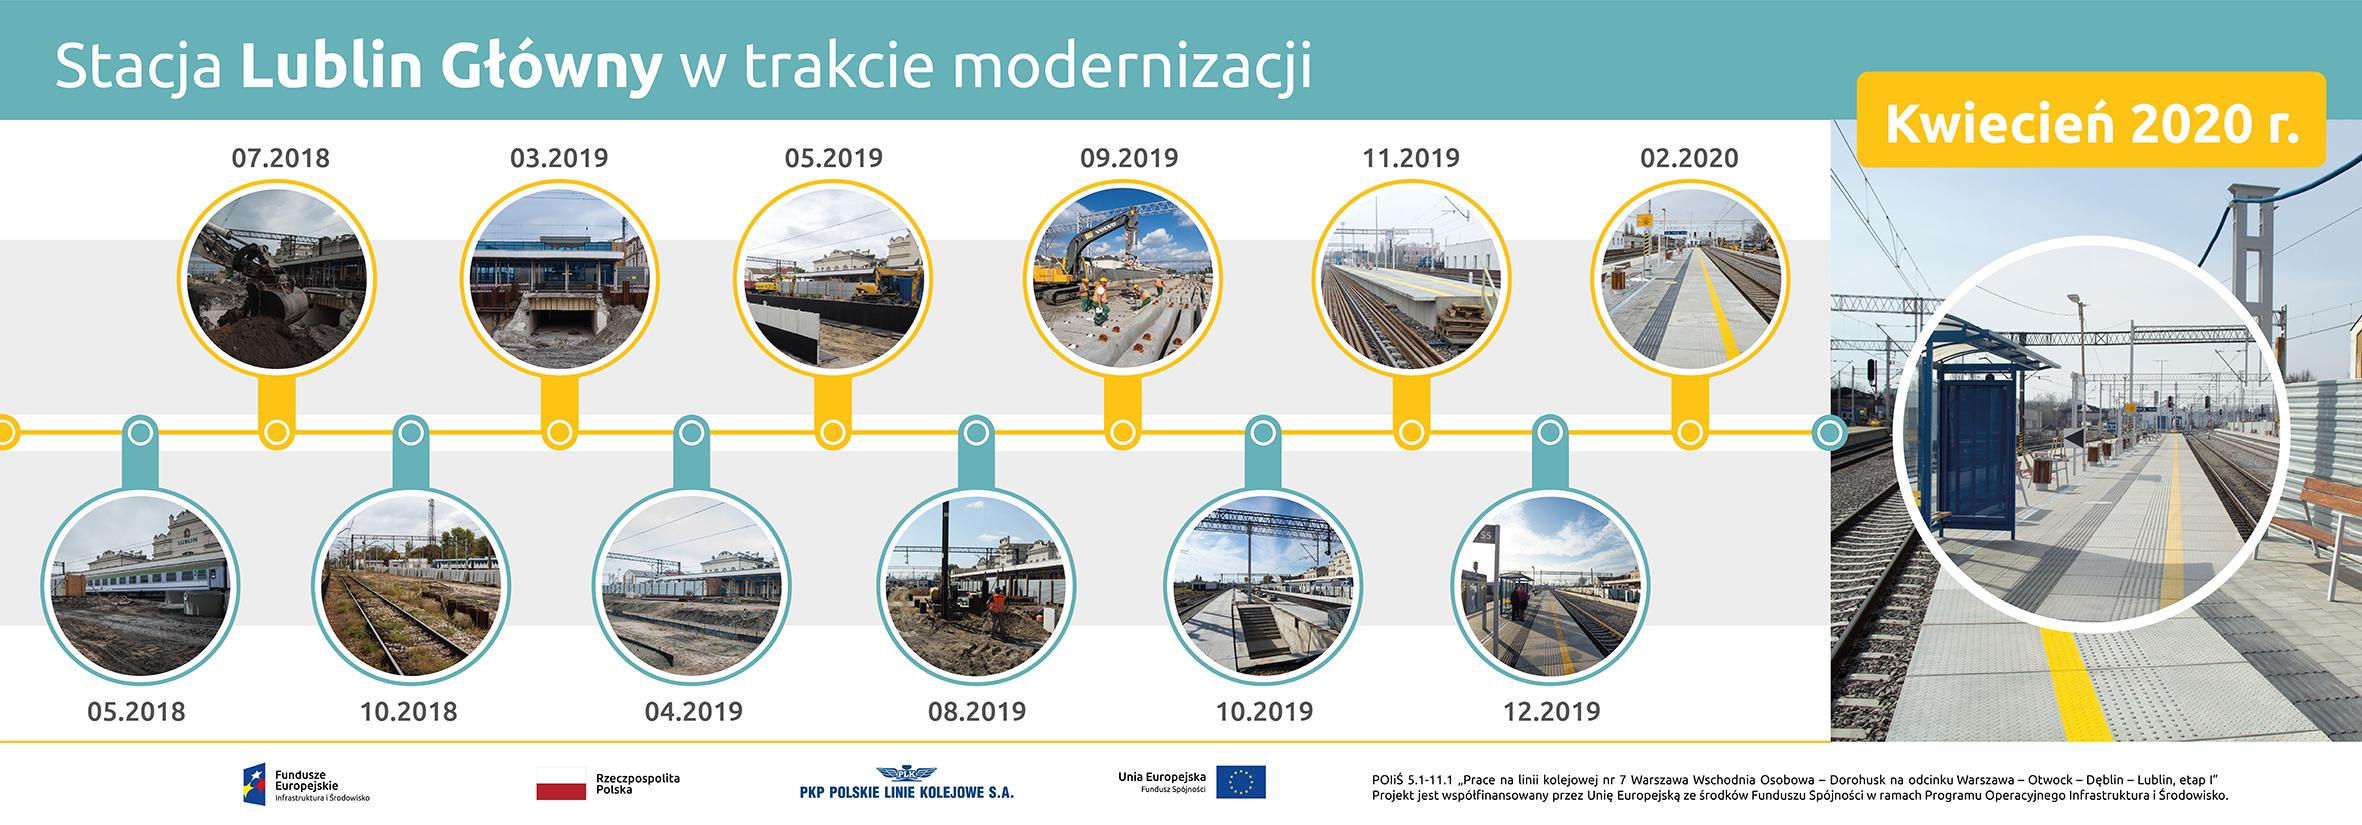 Infografika dotycząca stacji Lublin Główny, na której pokazane są zdjęcia sprzed i po modernizacji.